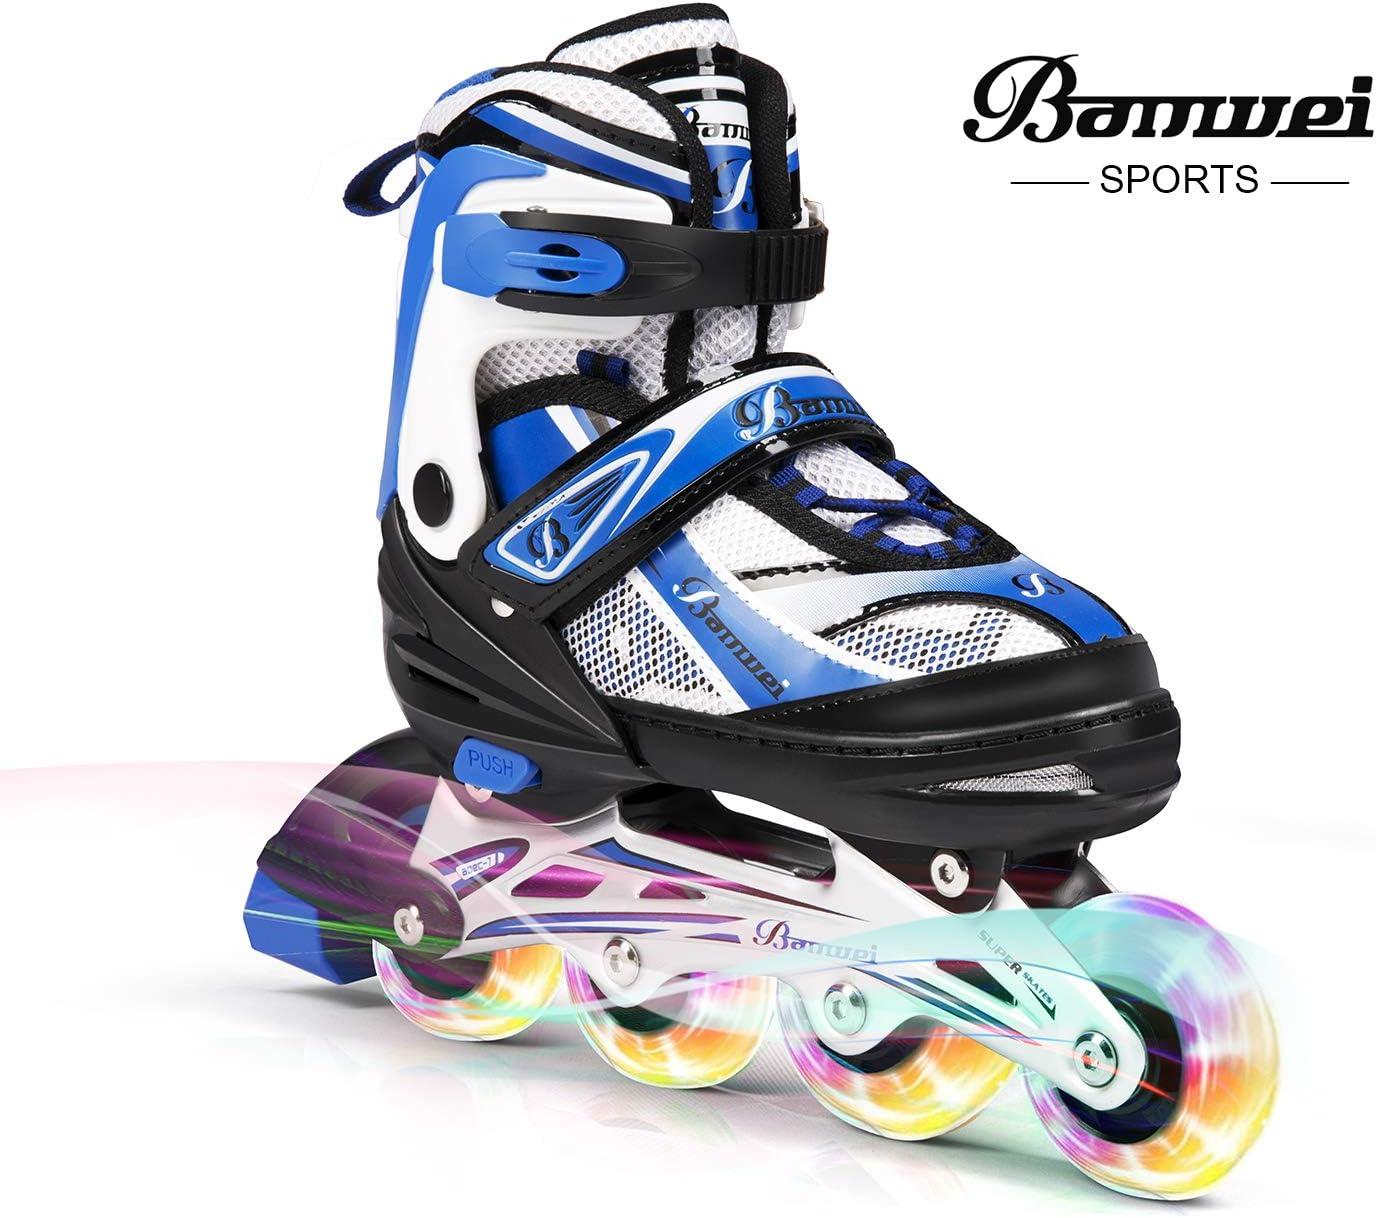 Amazon Com Banwei Sam Toys Girls Adjustable Inline Skates With